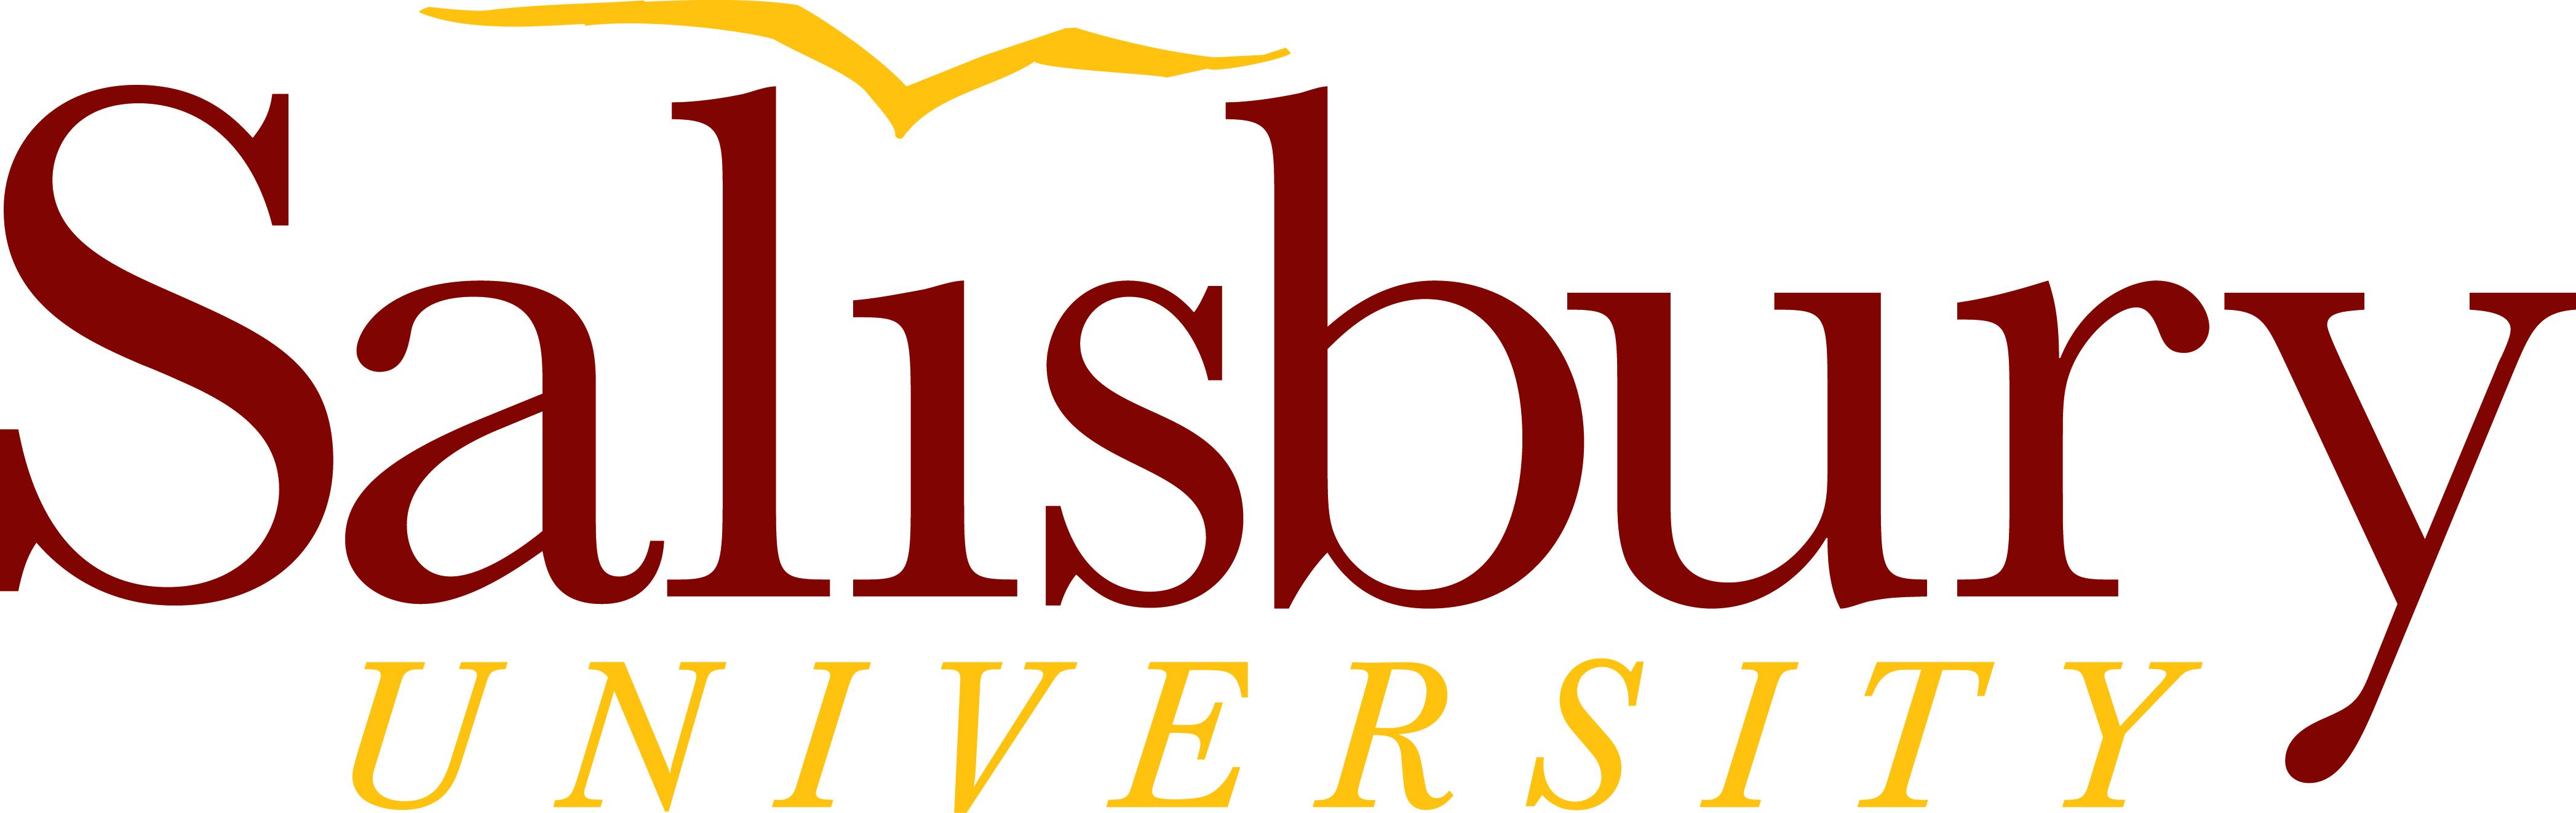 شعار جامعة سالزبوري